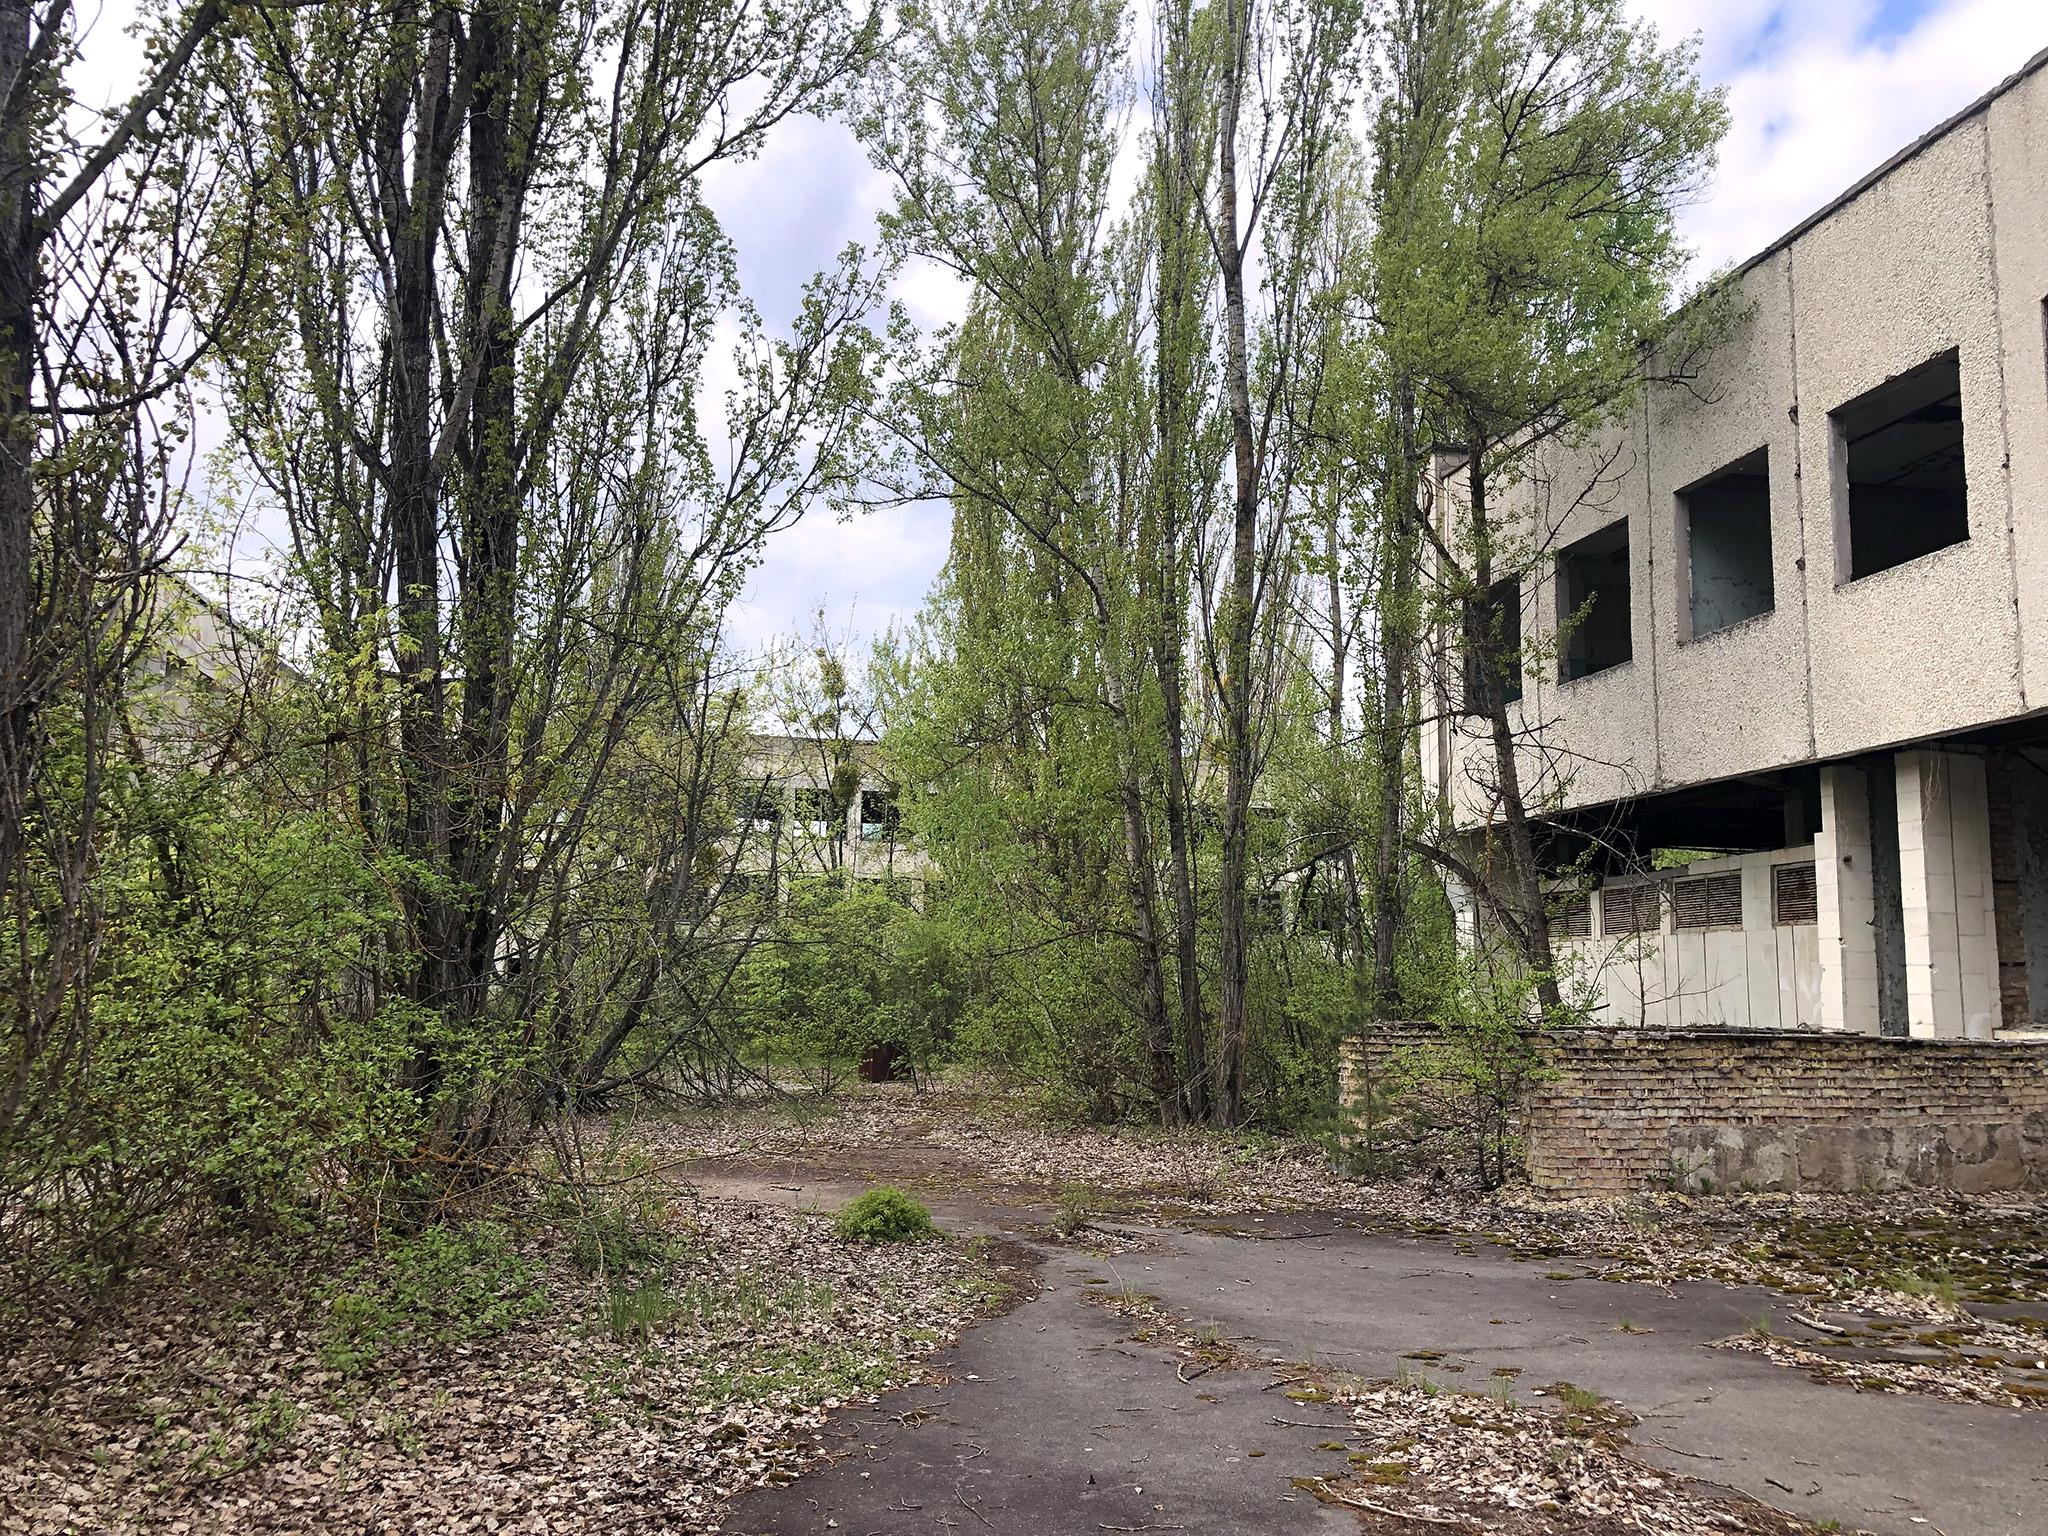 Visitar Chernóbil - Visitar Chernobyl Ucrania Ukraine Pripyat visitar chernóbil - 47045816414 60d6f81ed1 o - Visitar Chernóbil: el lugar más contaminado del planeta